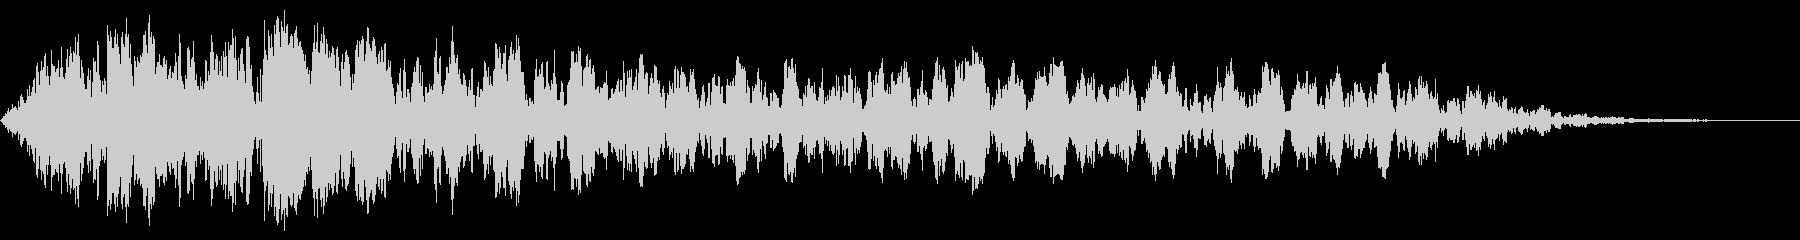 不穏な環境音の未再生の波形